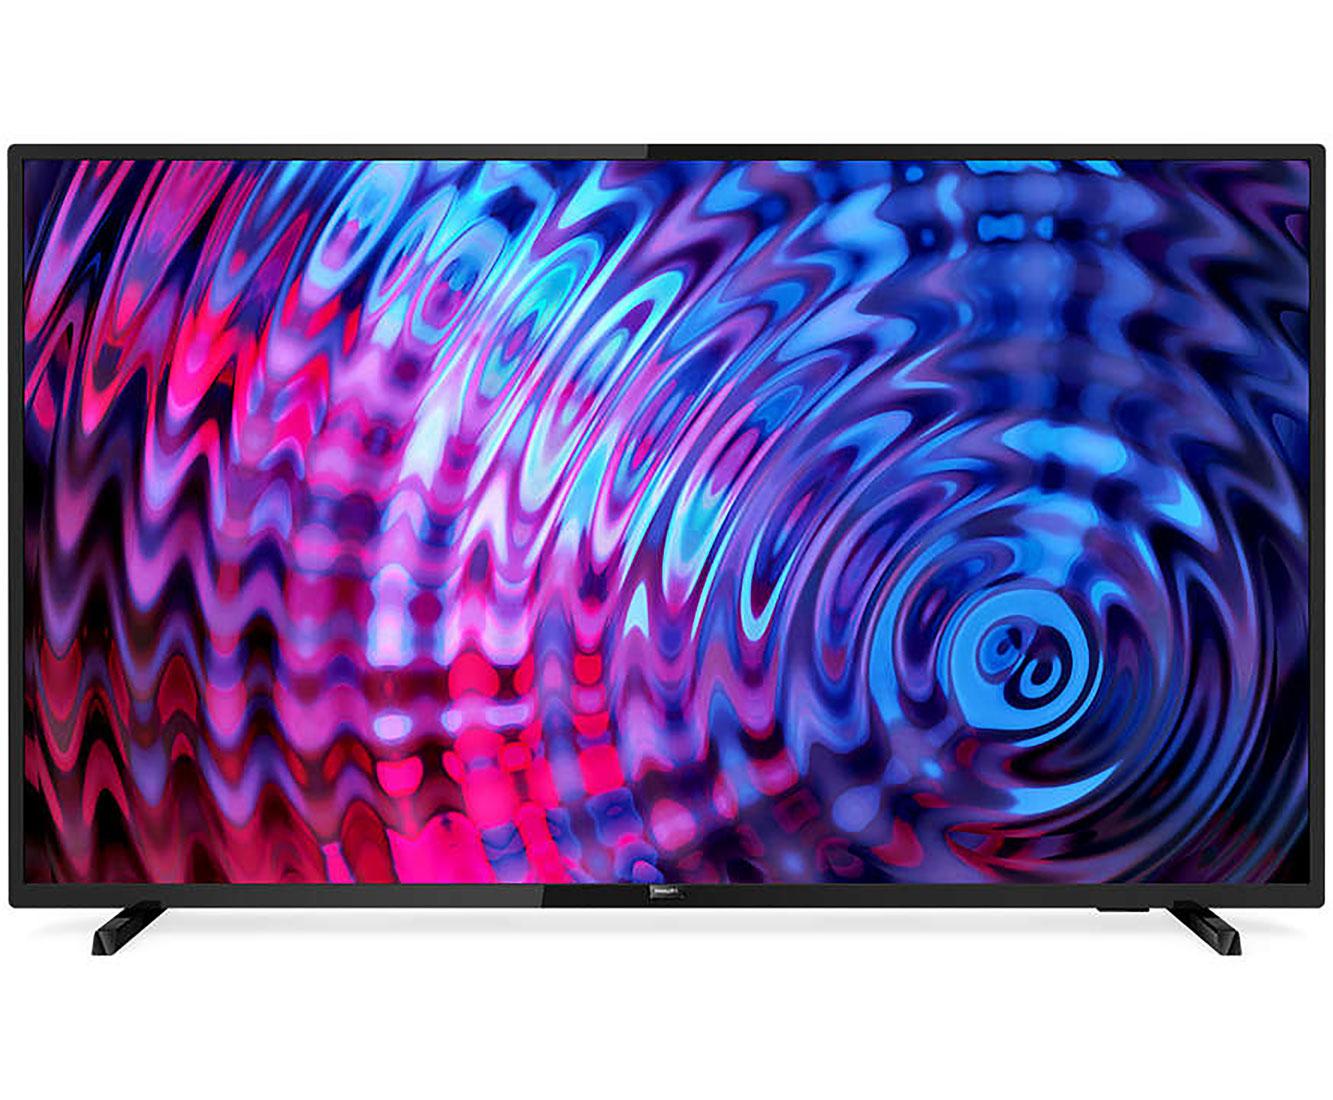 Philips TV 50PFS5803/12 Fernseher - Schwarz